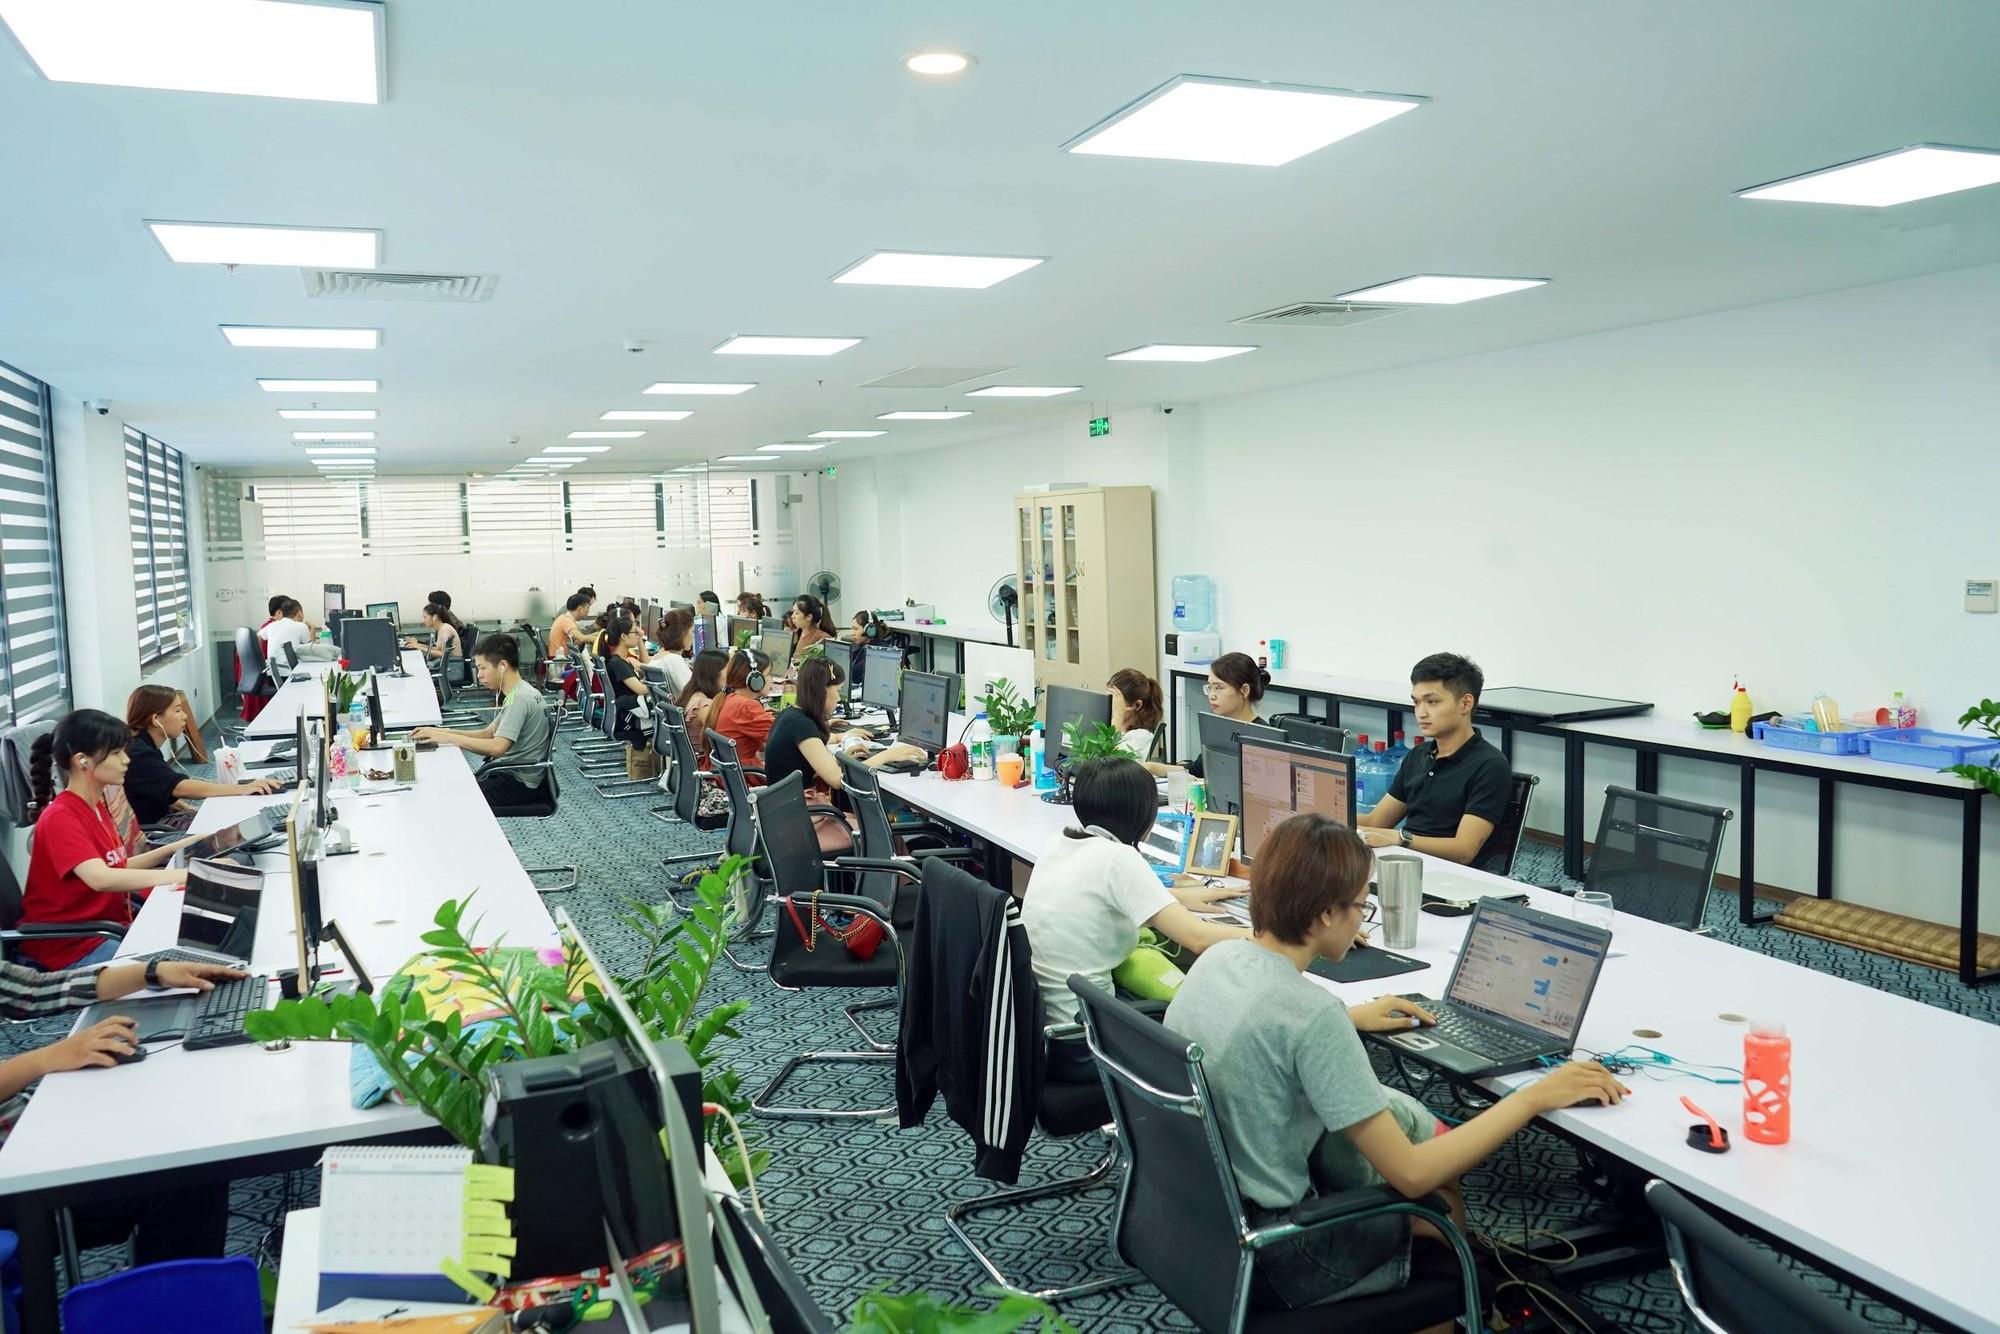 Theanh28 Entertainment - Công ty truyền thông và giải trí có bàn tay vàng trong làng Top Trending - Ảnh 2.